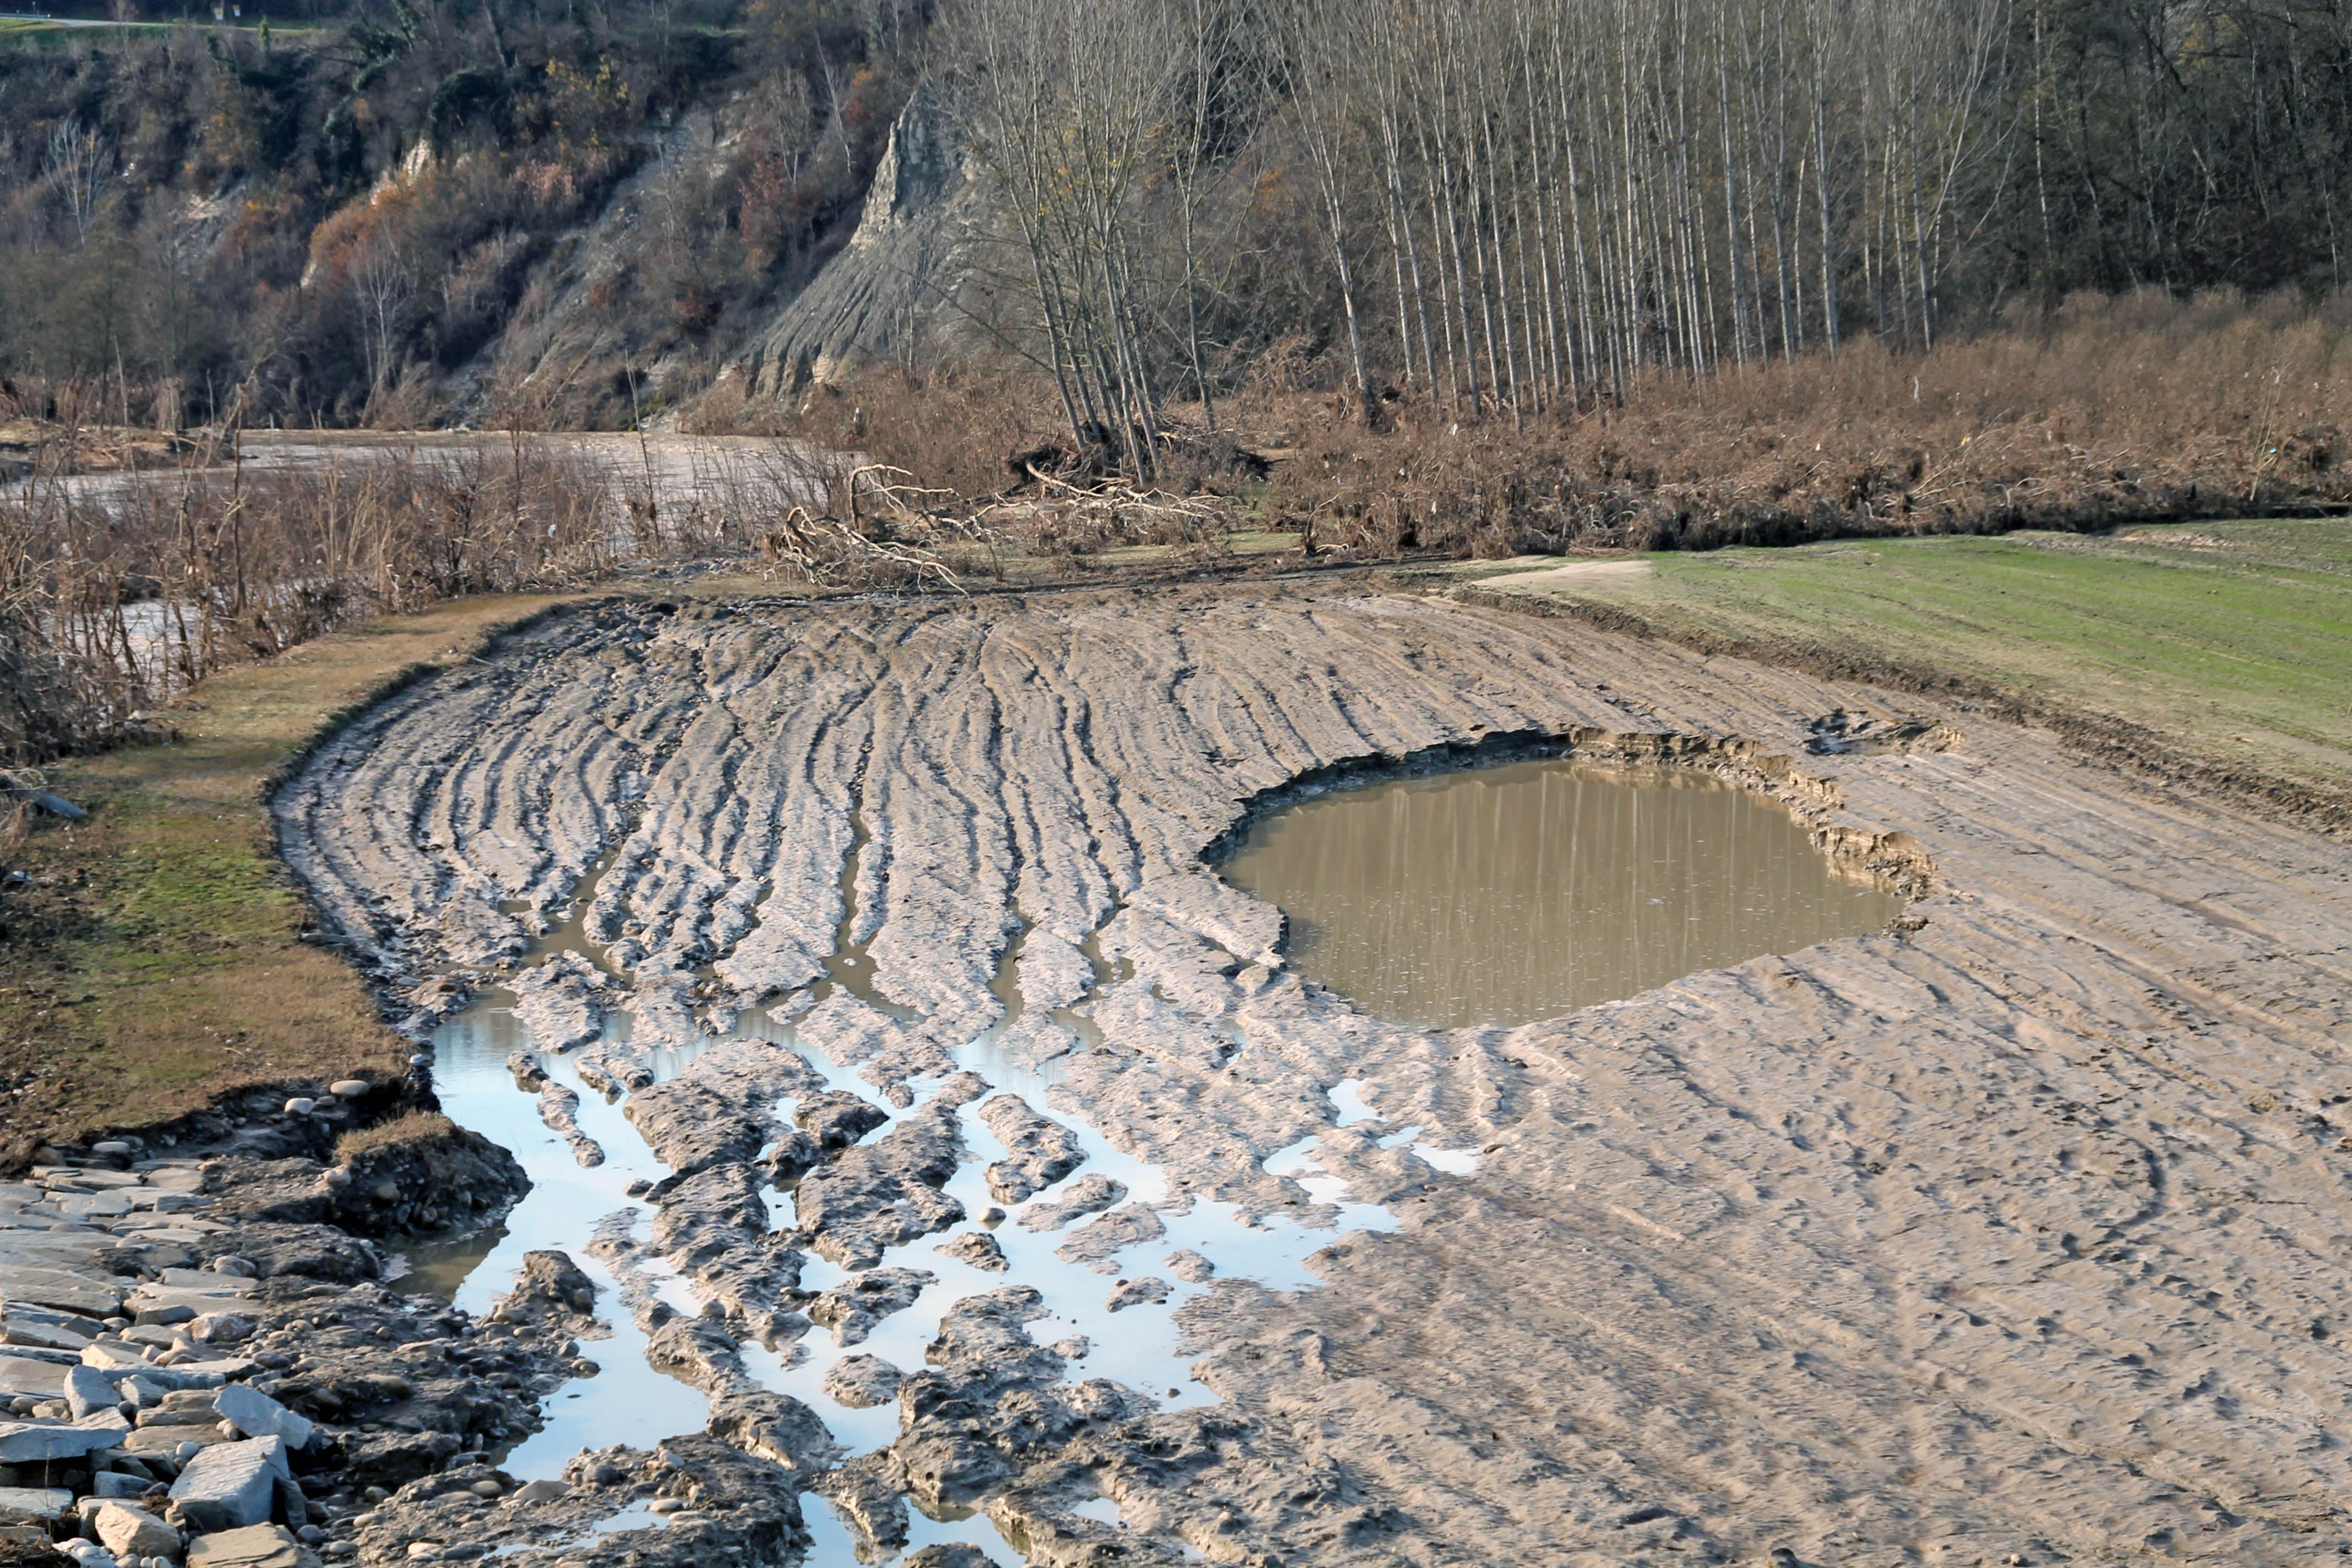 La Guida - Alluvione, gravi danni all'agricoltura